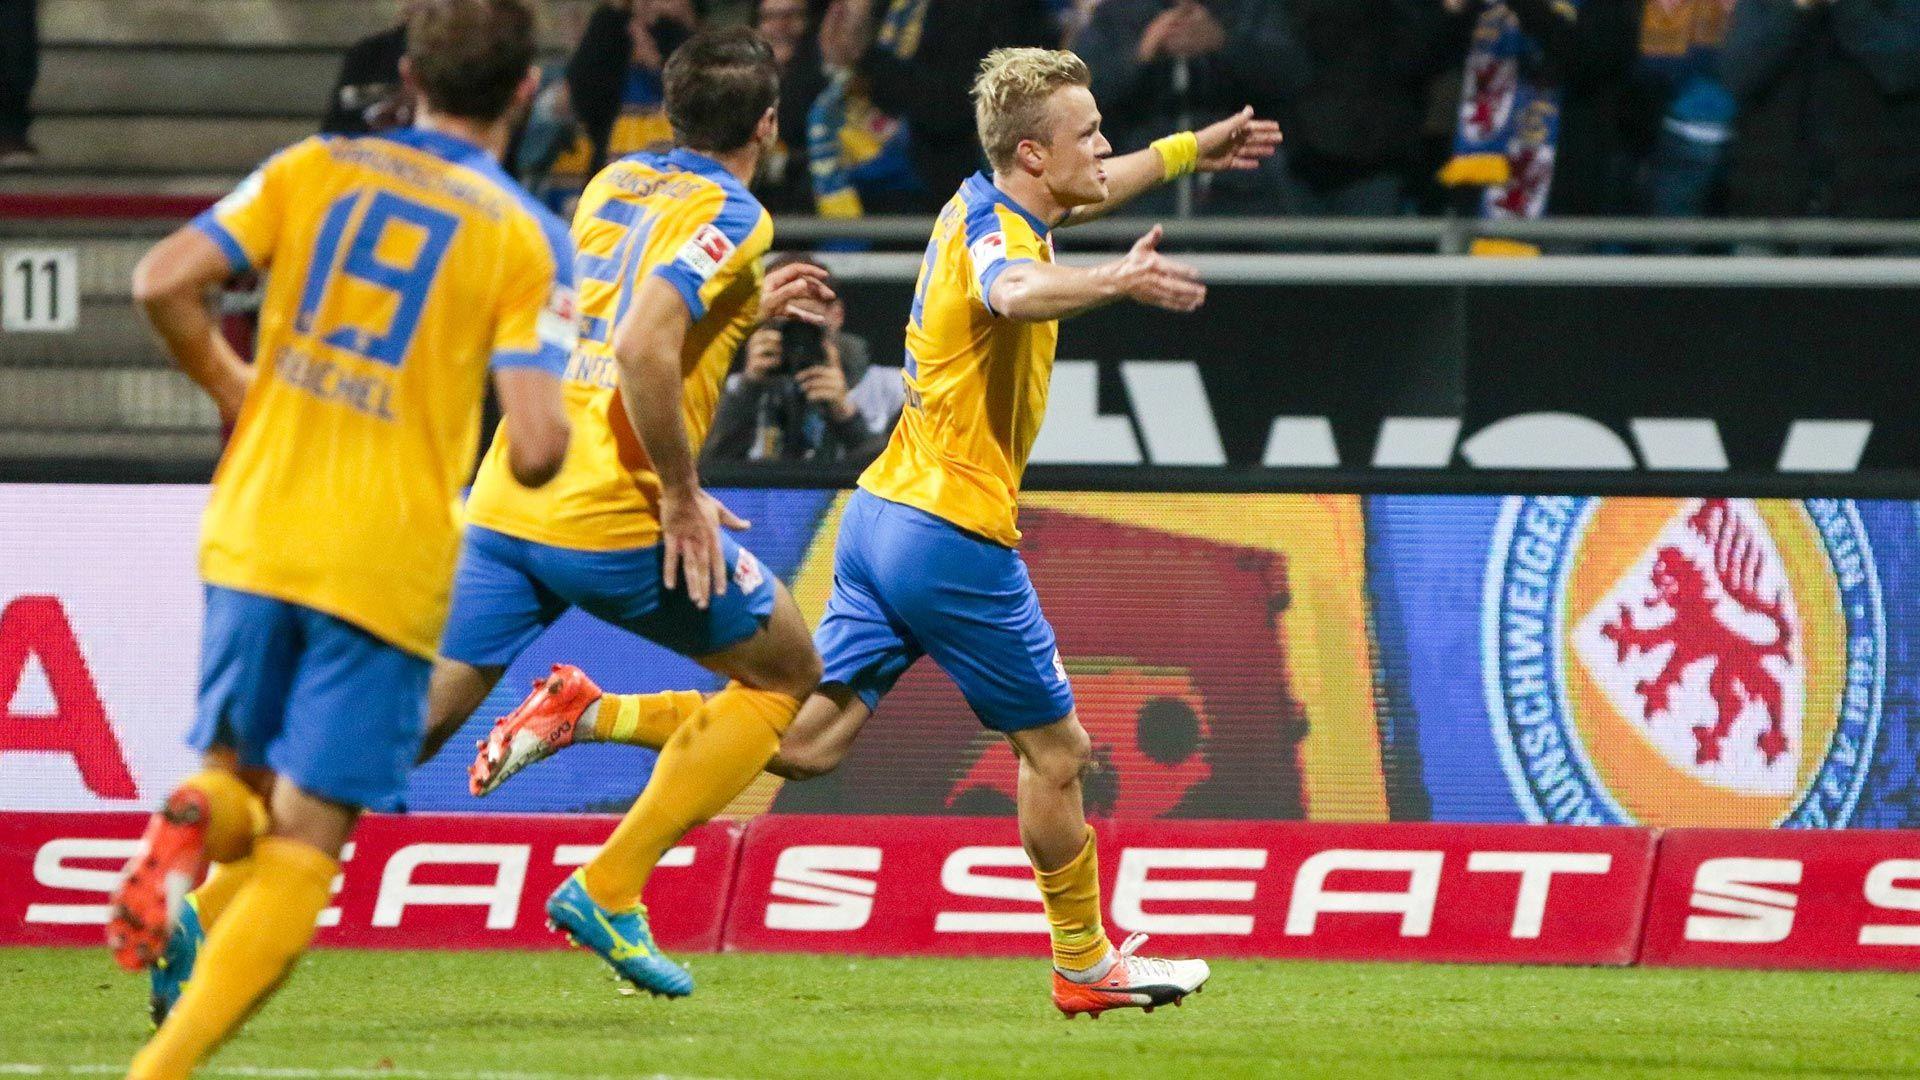 Braunschweig VS Aue BETTING TIPS (17.02.2017)